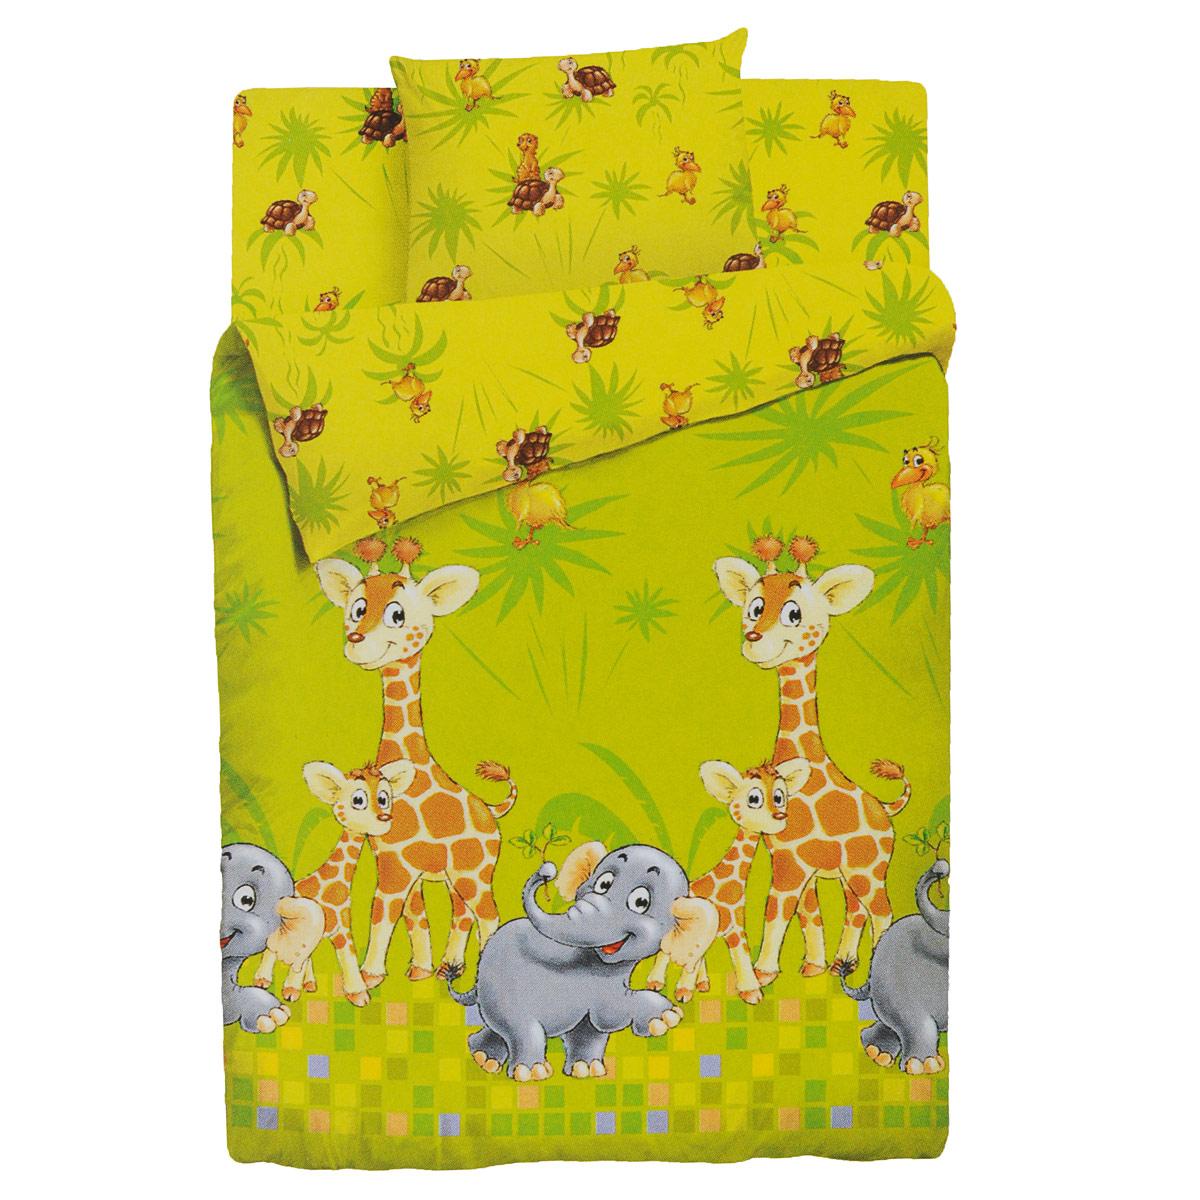 Комплект детского постельного белья Облачко Джунгли, цвет: желтый, 3 предмета. 46000017847094600001784709Детский комплект постельного белья Облачко Джунгли состоит из наволочки, пододеяльника и простыни на резинке. Такой комплект идеально подойдет для кроватки вашего малыша и обеспечит ему здоровый сон. Он изготовлен из бязи (100% хлопок), дарящей малышу непревзойденную мягкость. Натуральный материал не раздражает даже самую нежную и чувствительную кожу ребенка, обеспечивая ему наибольший комфорт. Простыня с помощью специальной резинки растягивается на матрасе. Она не сомнется и не скомкается, как бы не вертелся ребенок. Приятный рисунок комплекта, несомненно, понравится малышу и привлечет его внимание. На постельном белье Облачко Джунгли ваша кроха будет спать здоровым и крепким сном.